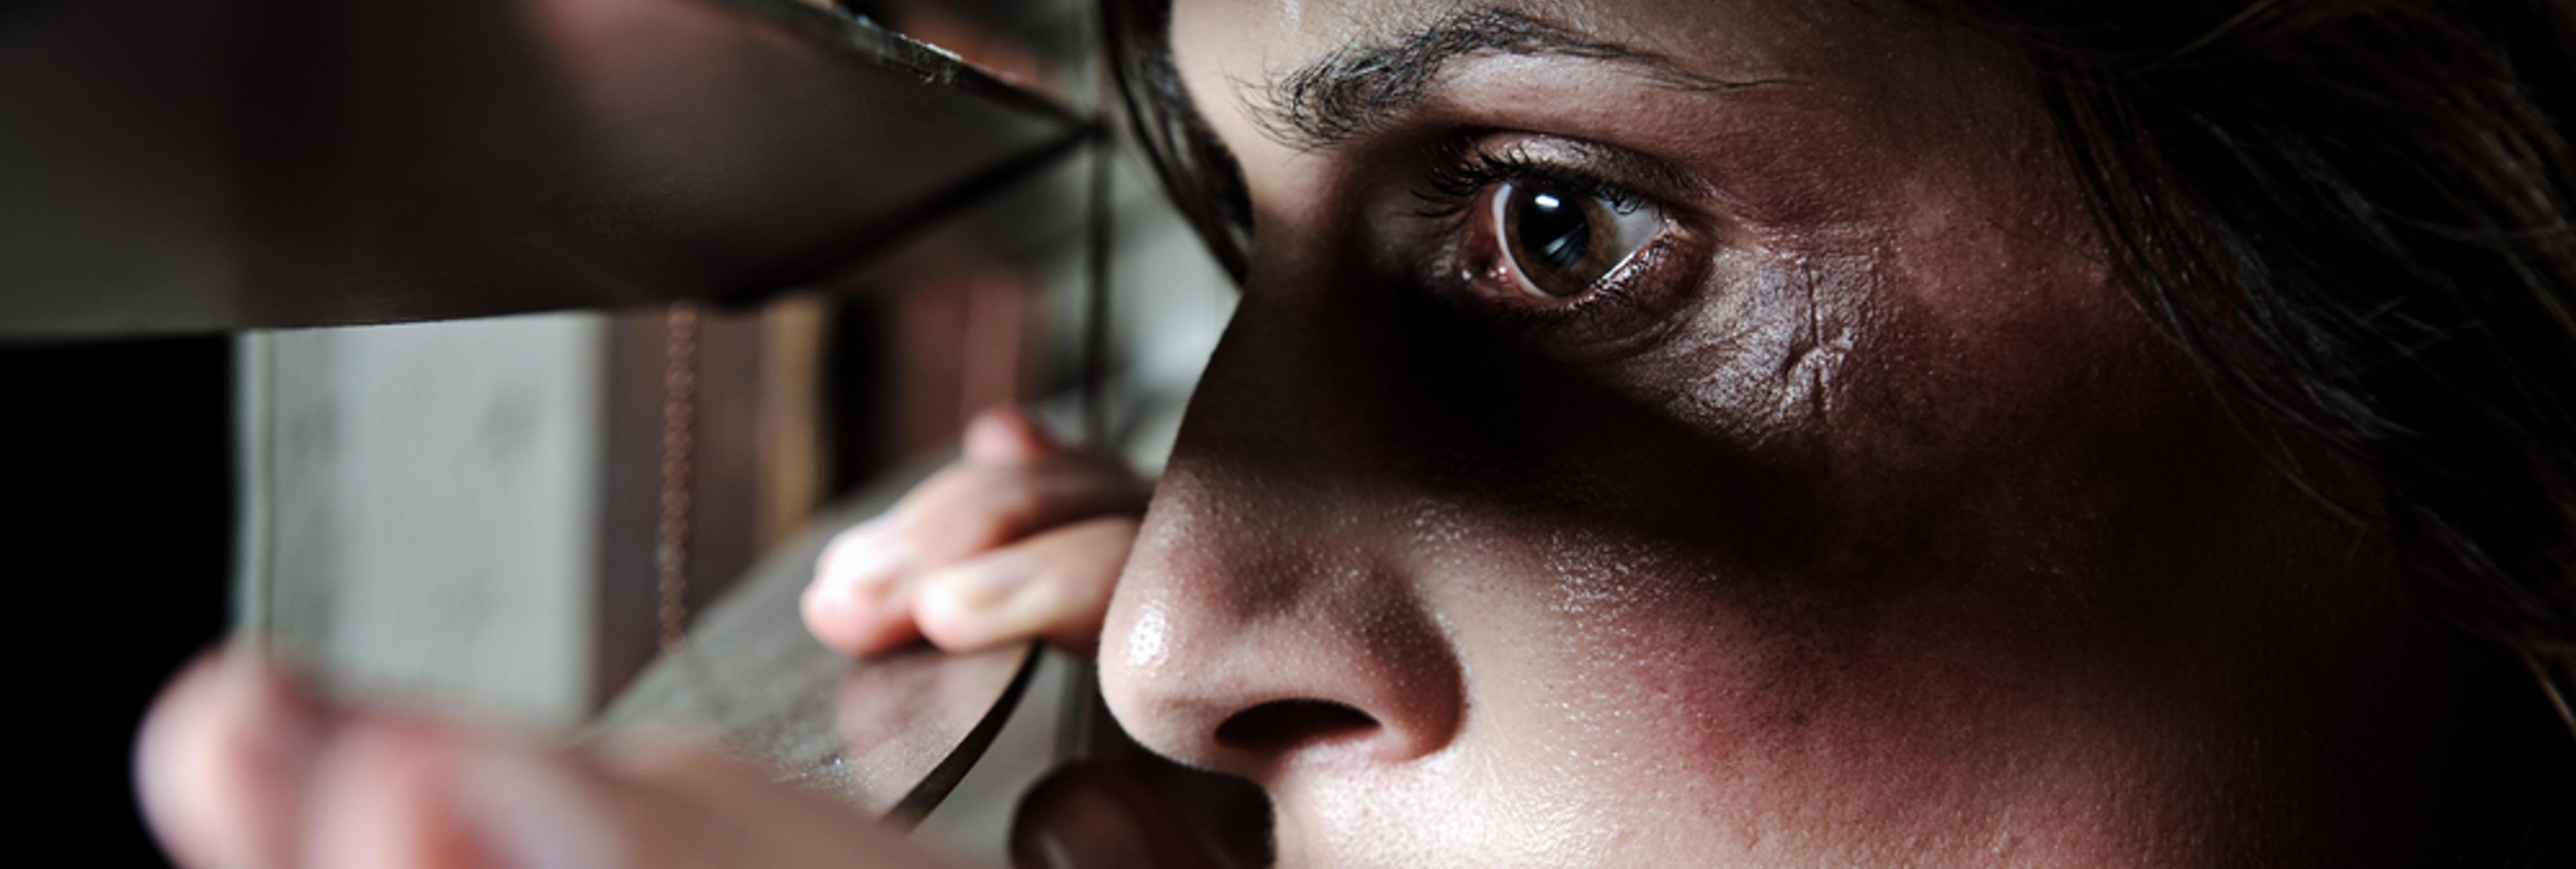 ¿Por qué las víctimas de violencia de género no dejan a su maltratador?